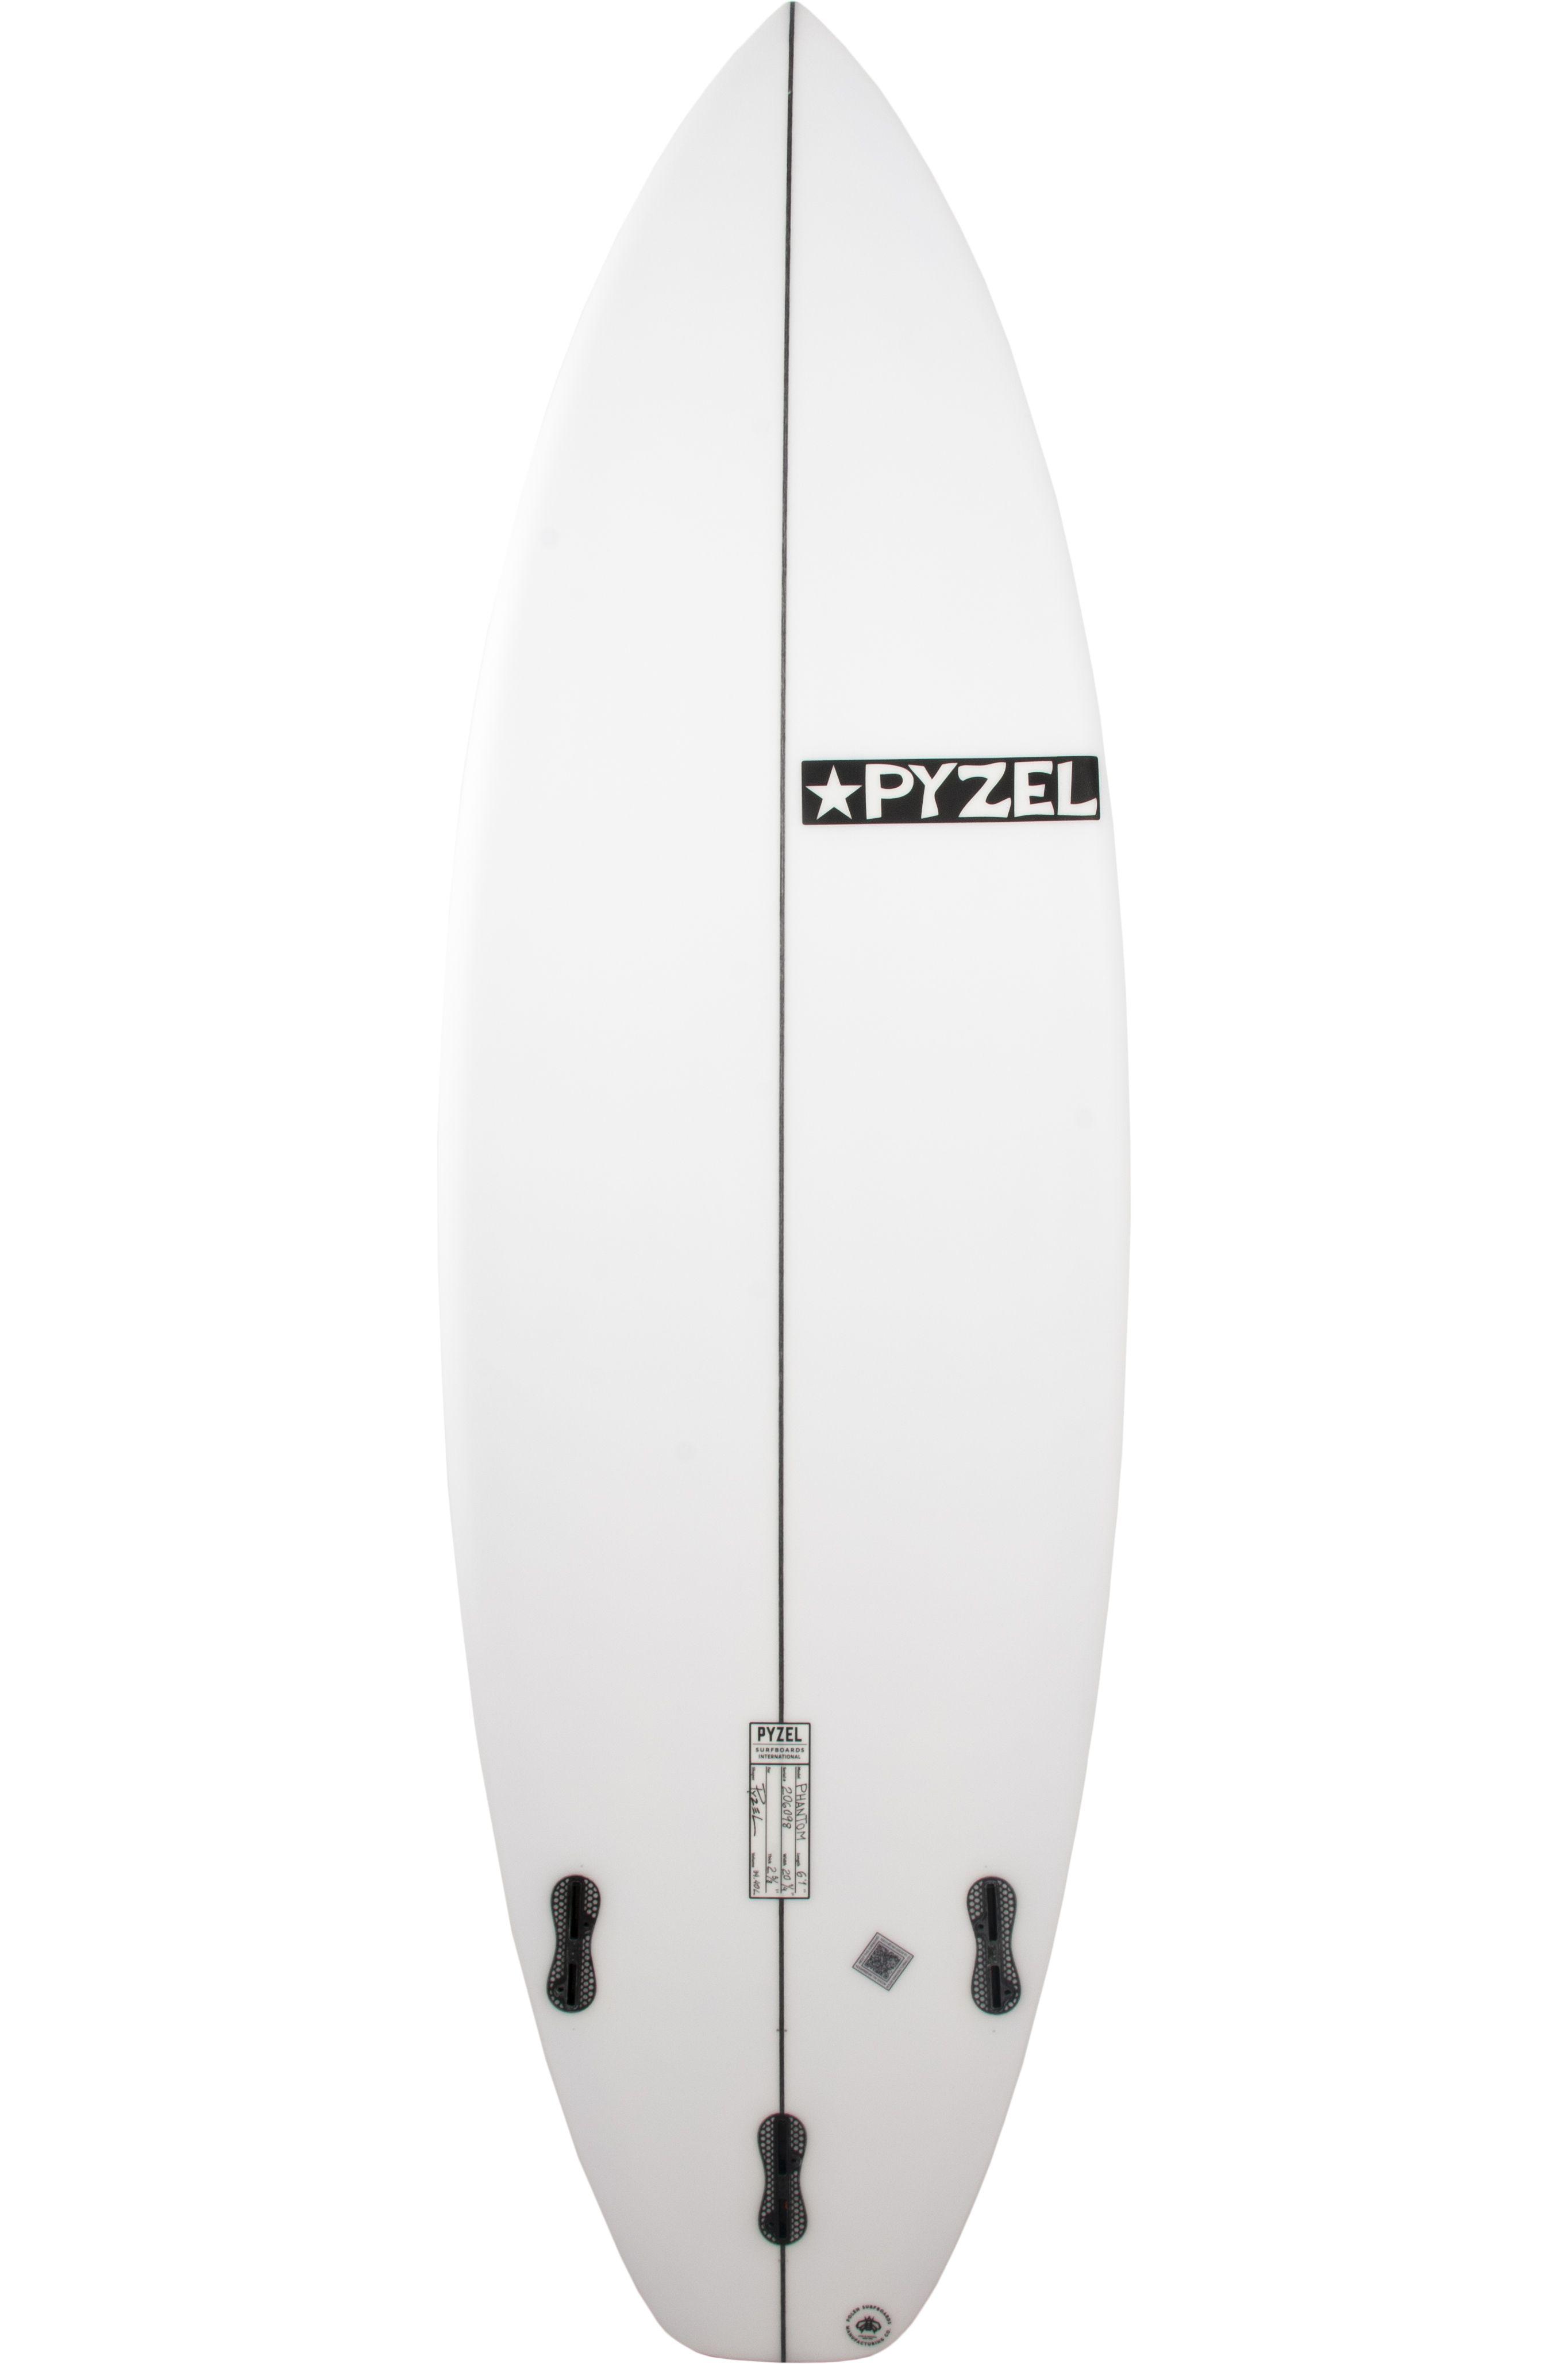 Prancha Surf Pyzel PHANTOM 5'7 Squash Tail - White FCS II 5ft7